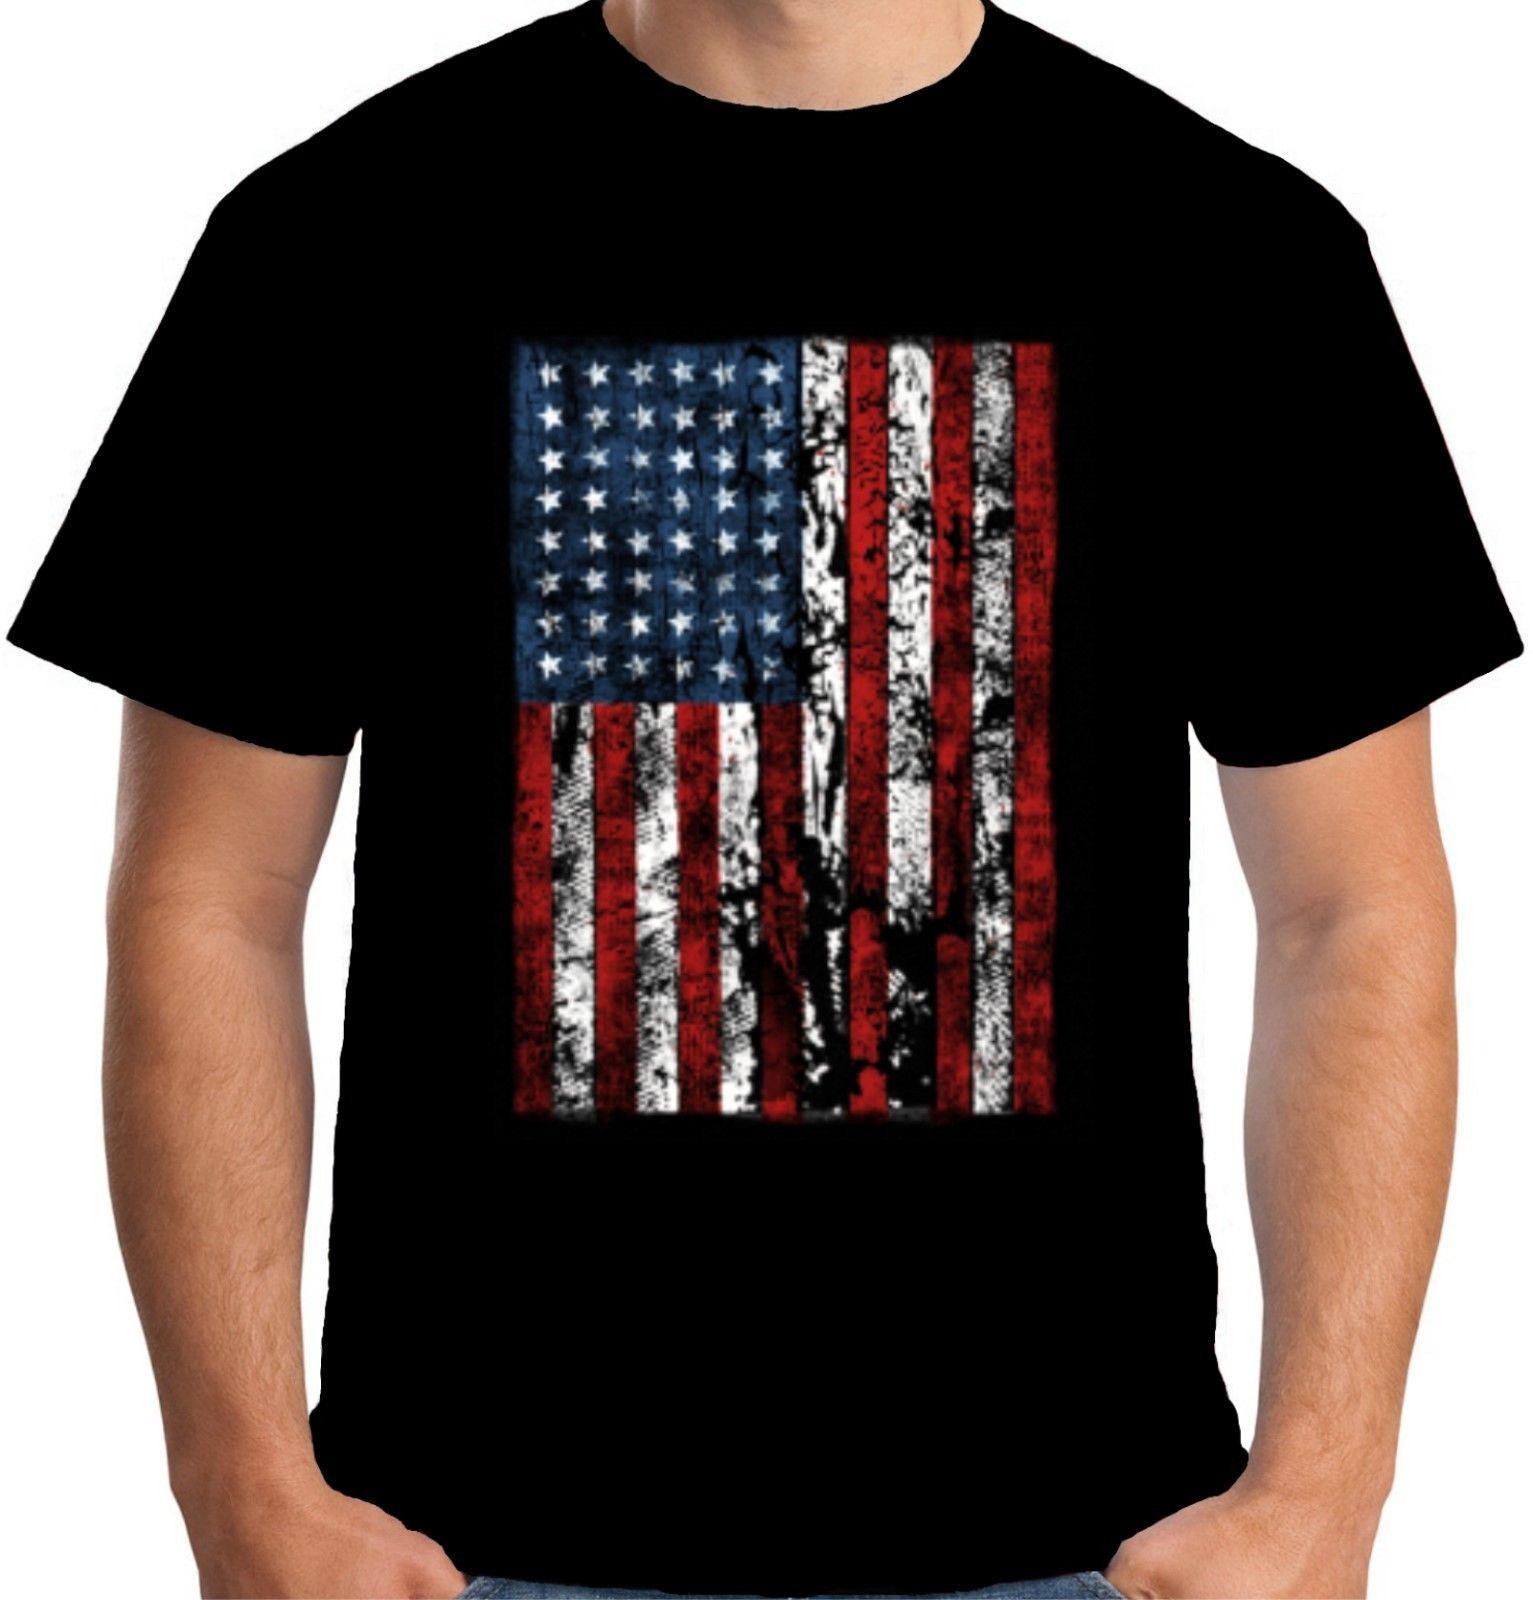 Grosshandel Velocitee Mens American Flag T Shirt Usa Sternenbanner